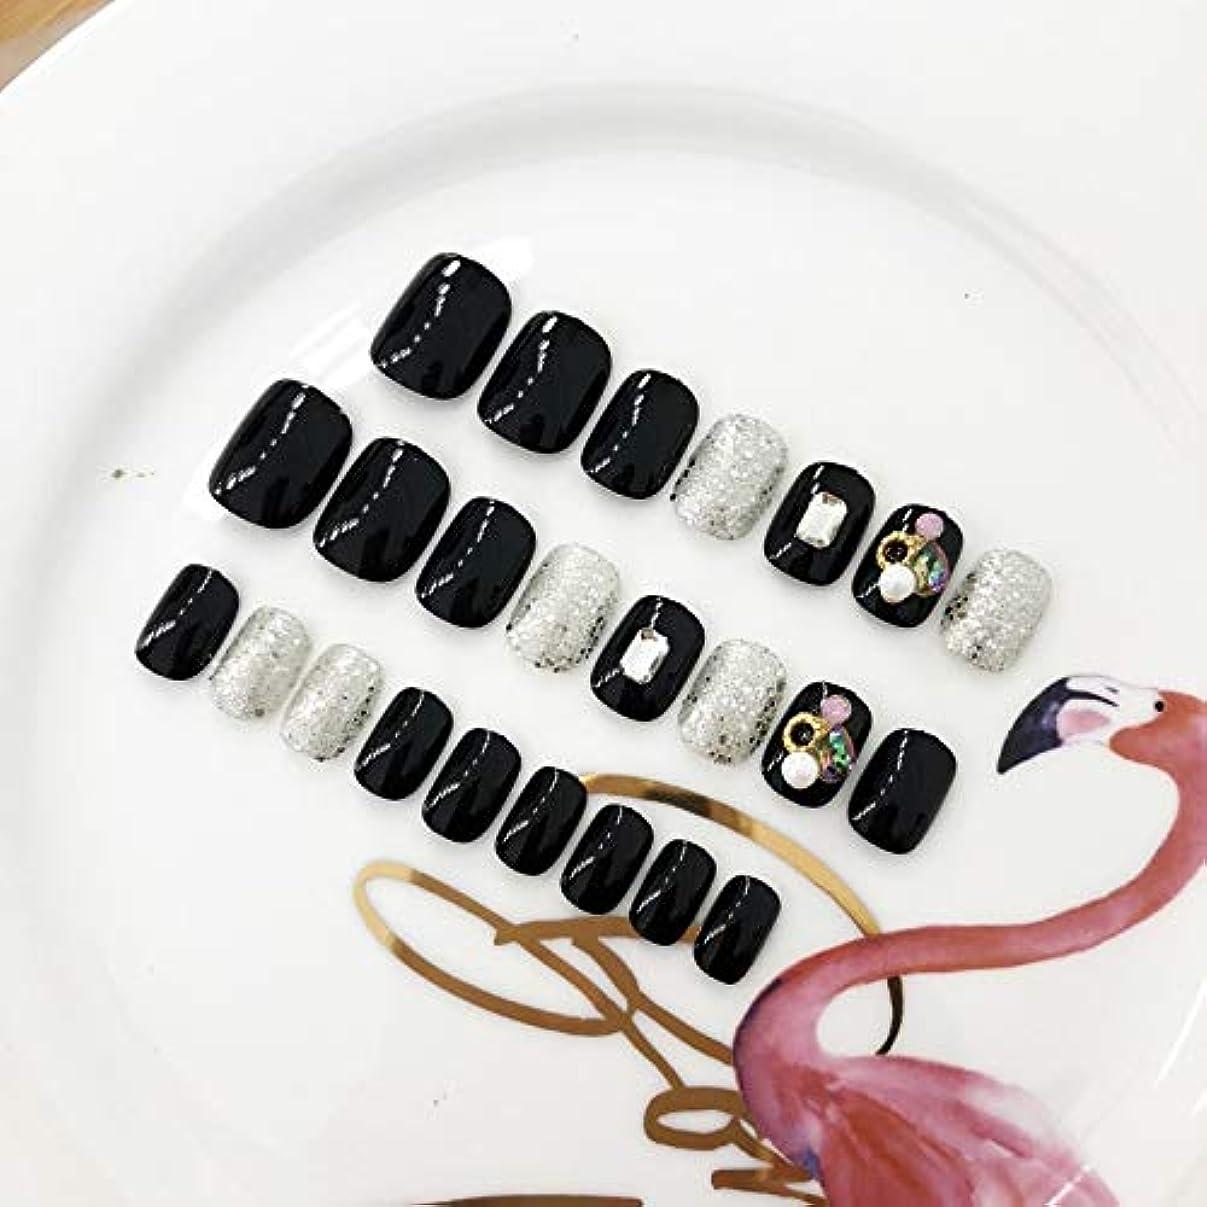 ピクニック標高スイス人AFAEF HOME 24個12サイズのブラックダイヤモンドネイルパッチ付き偽爪ロングフルカバーネイルチップ(黒)